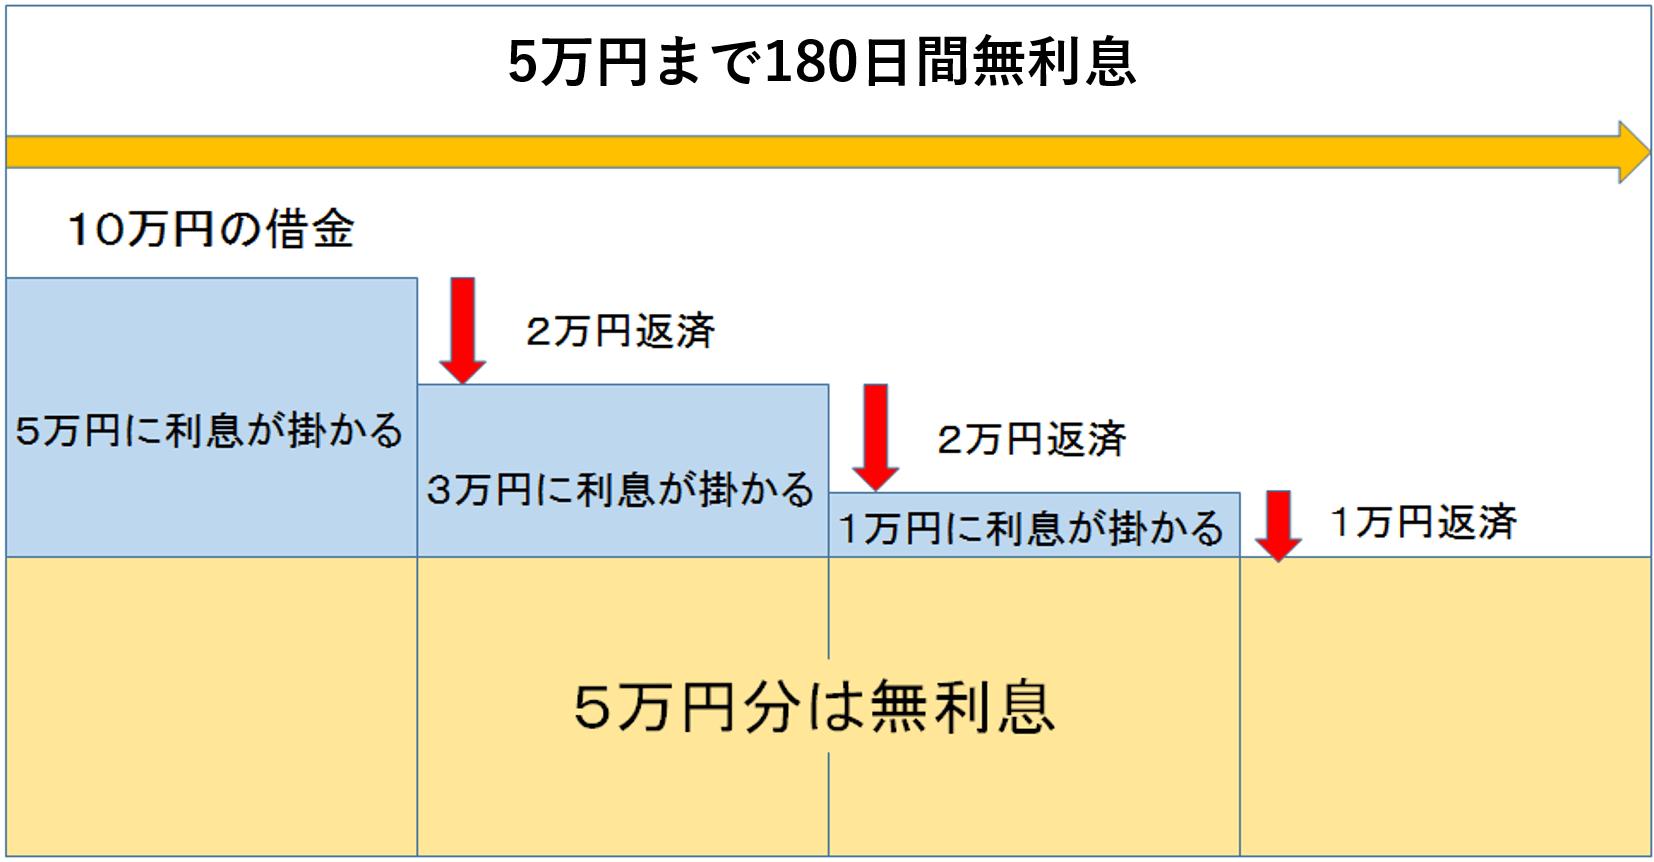 180日間 キャンペーン-min